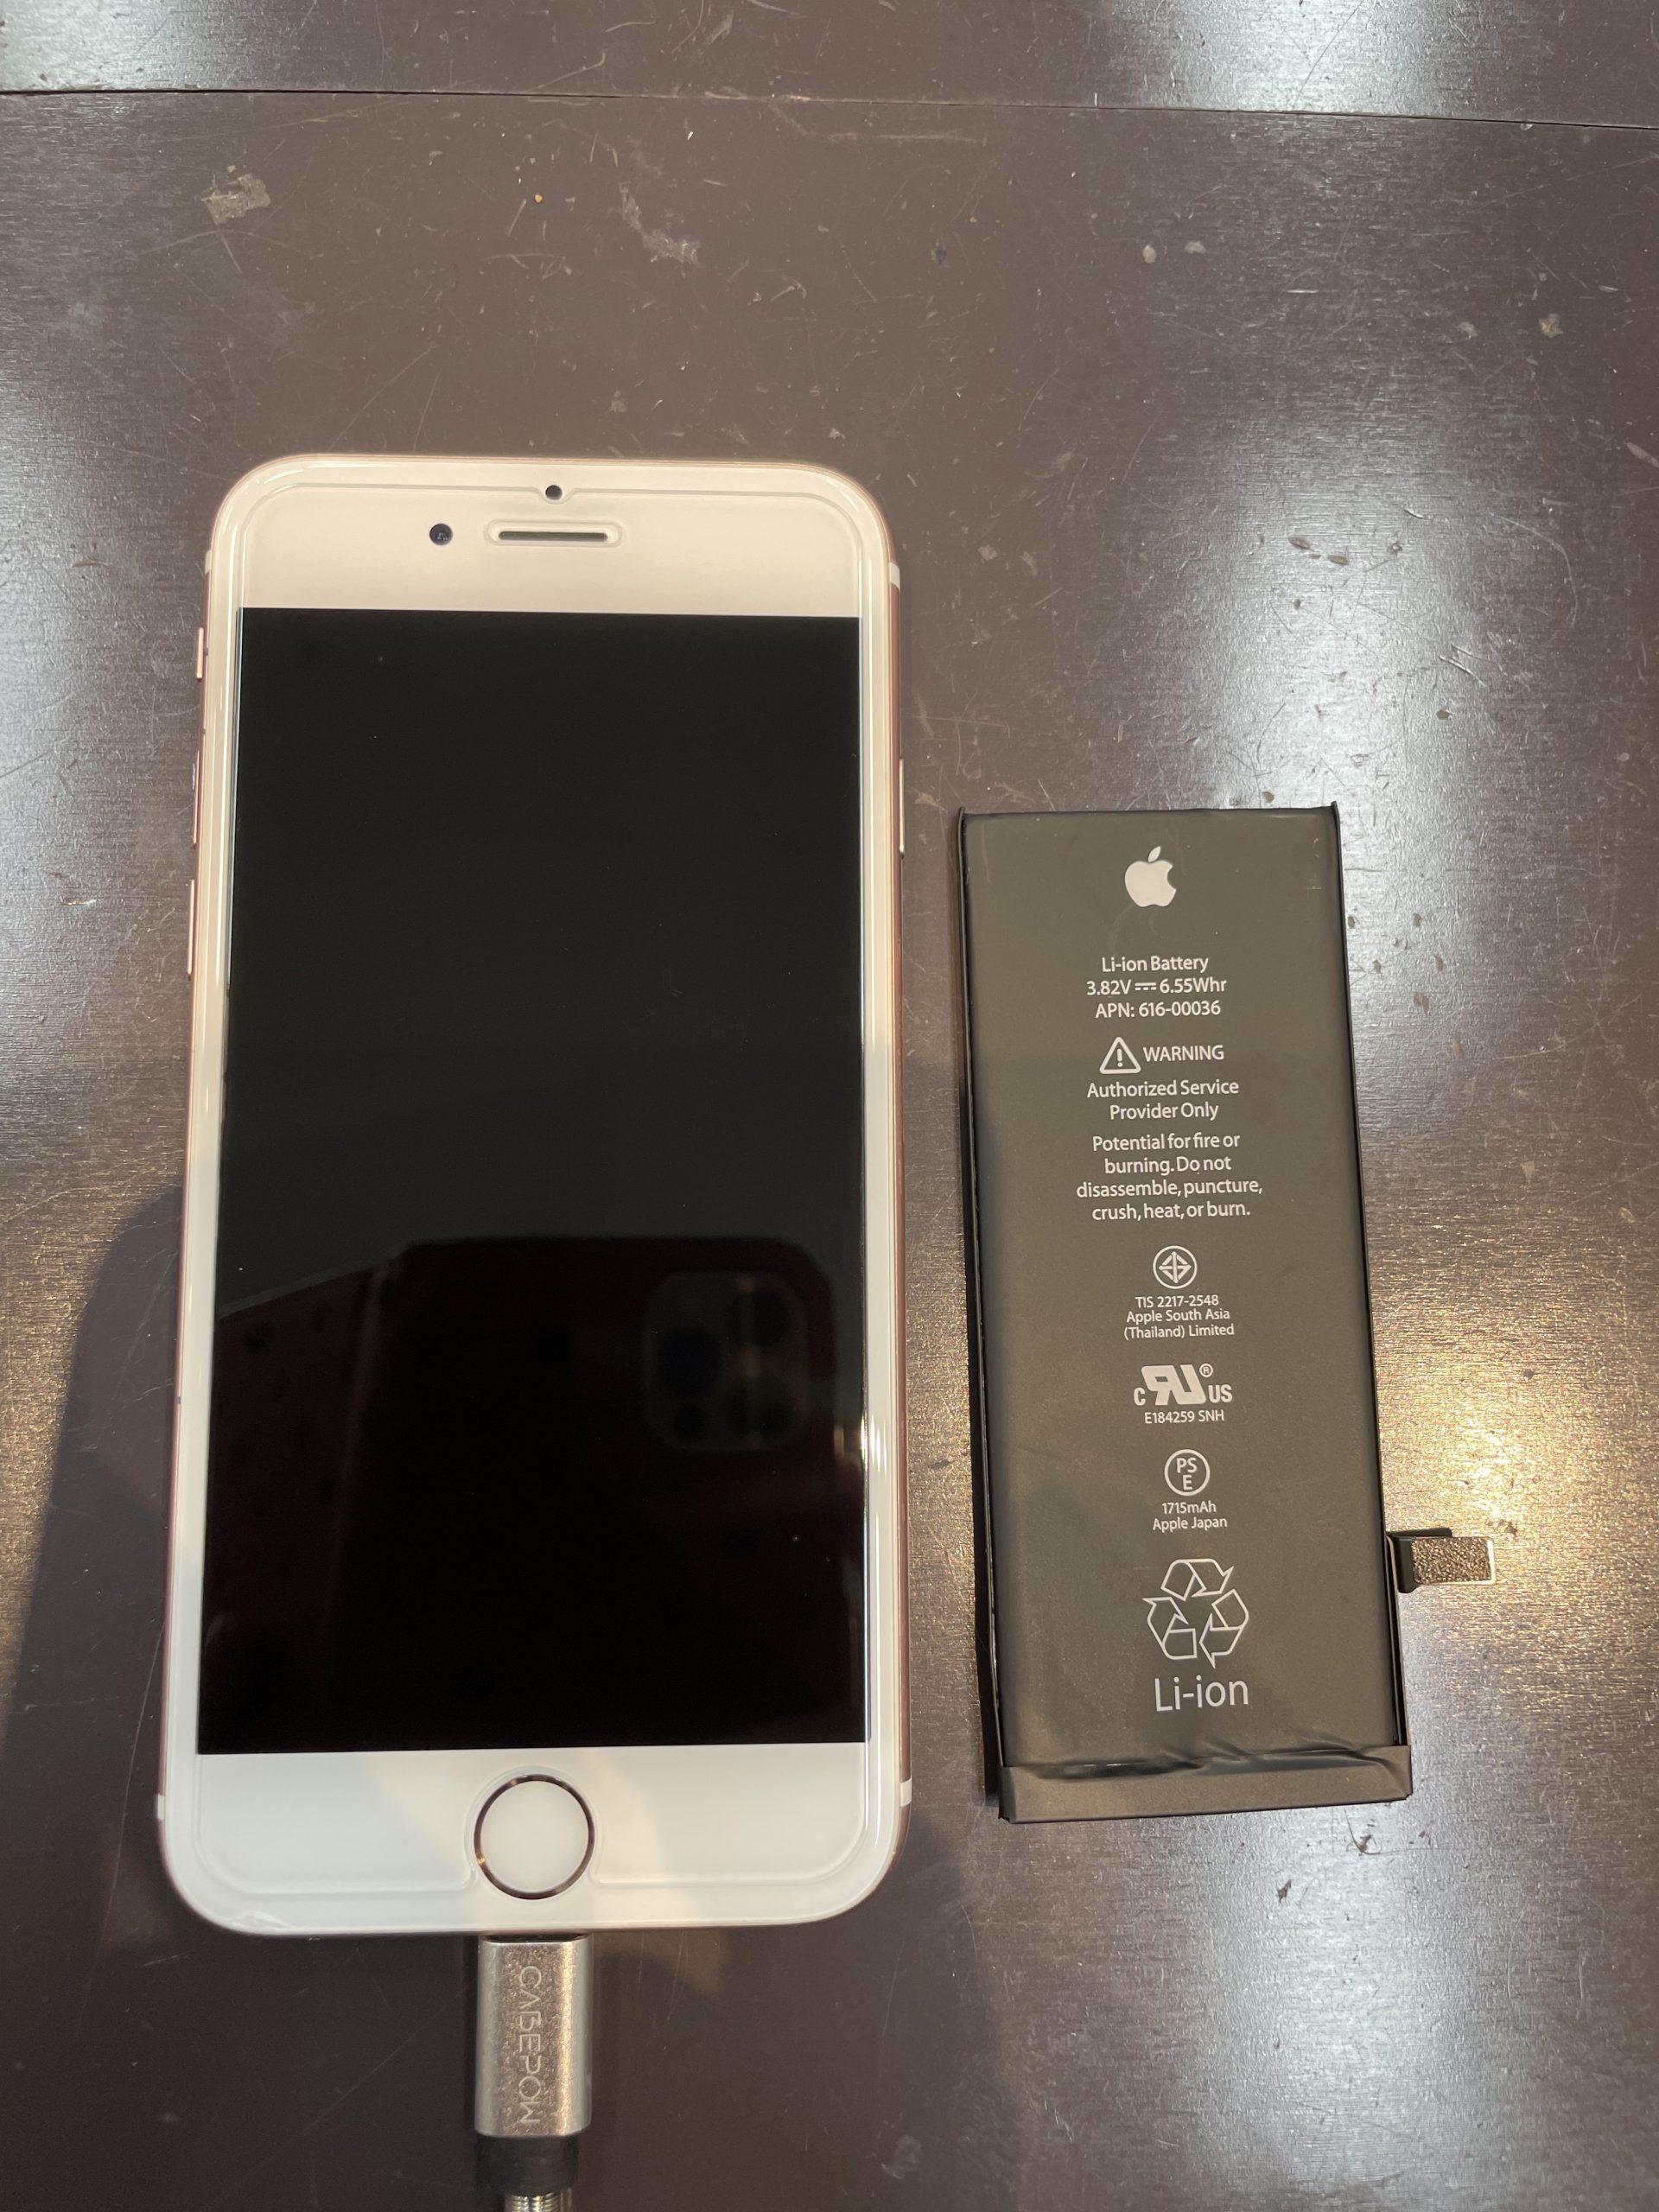 iPhone8をお使いの方そろそろバッテリー交換をしませんか?【iPhone8|バッテリー即日修理】